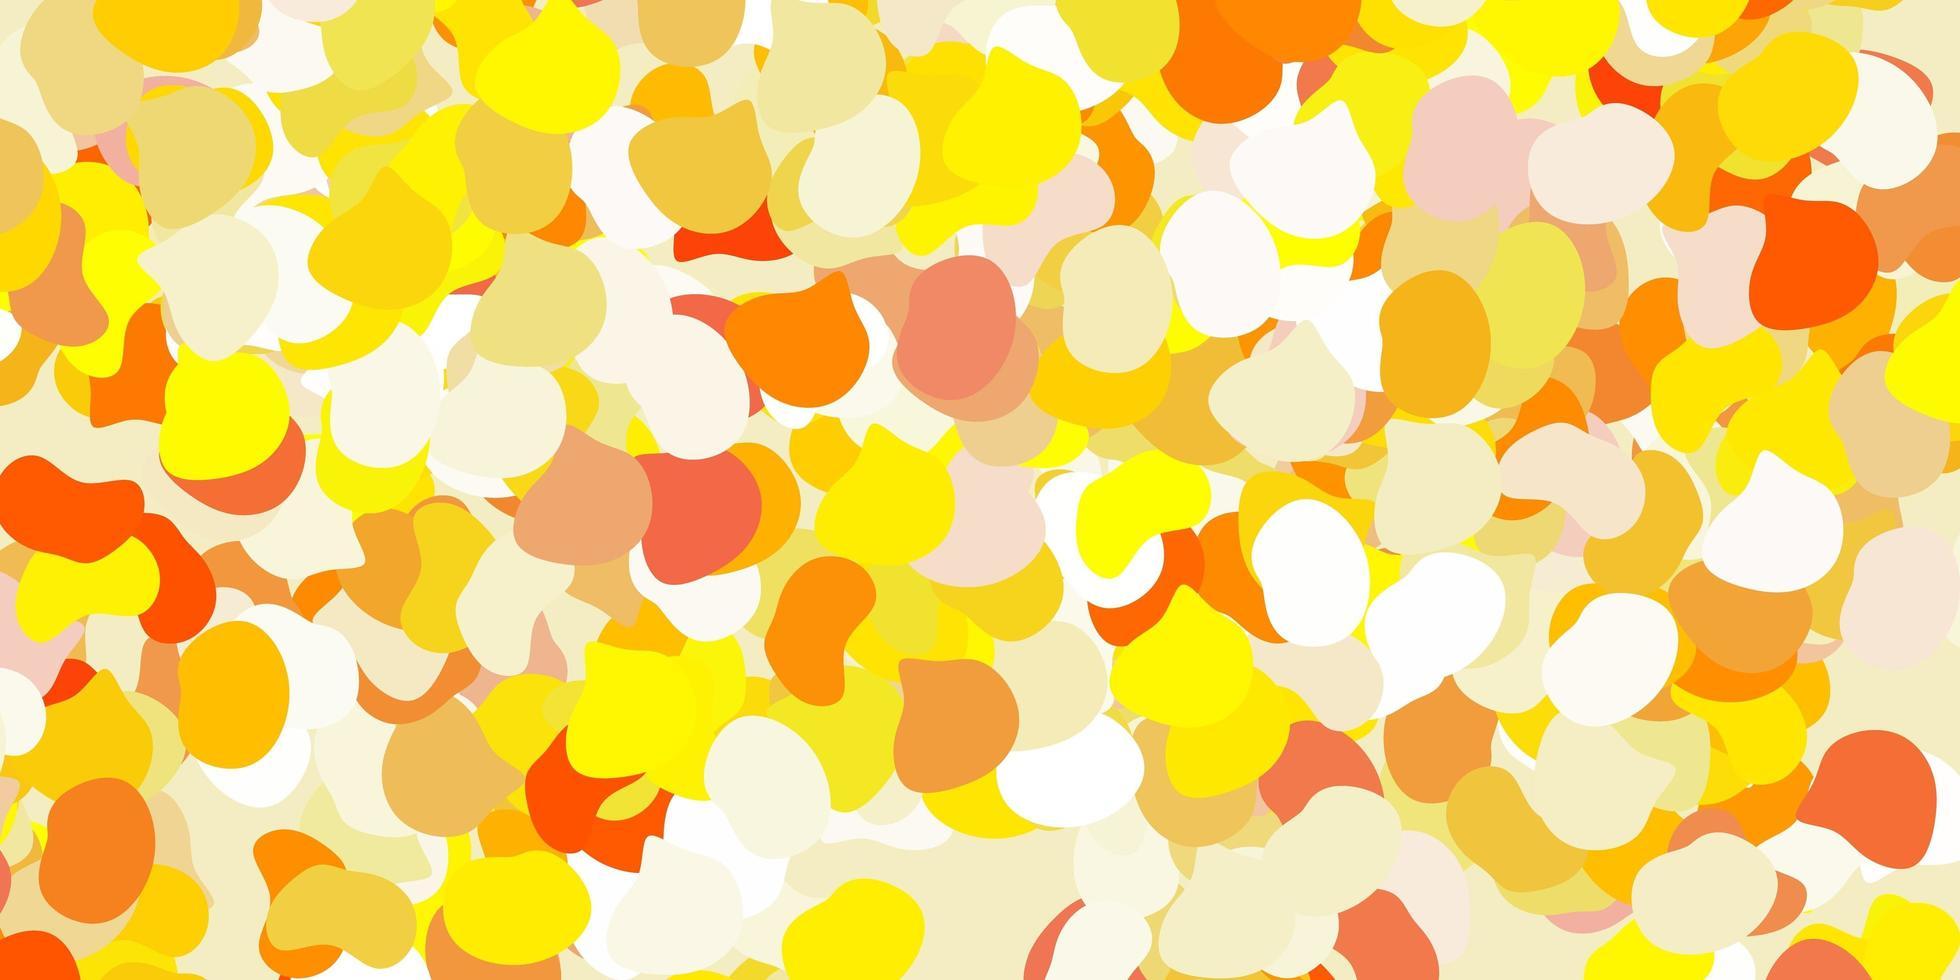 modelo de vetor amarelo claro com formas abstratas.